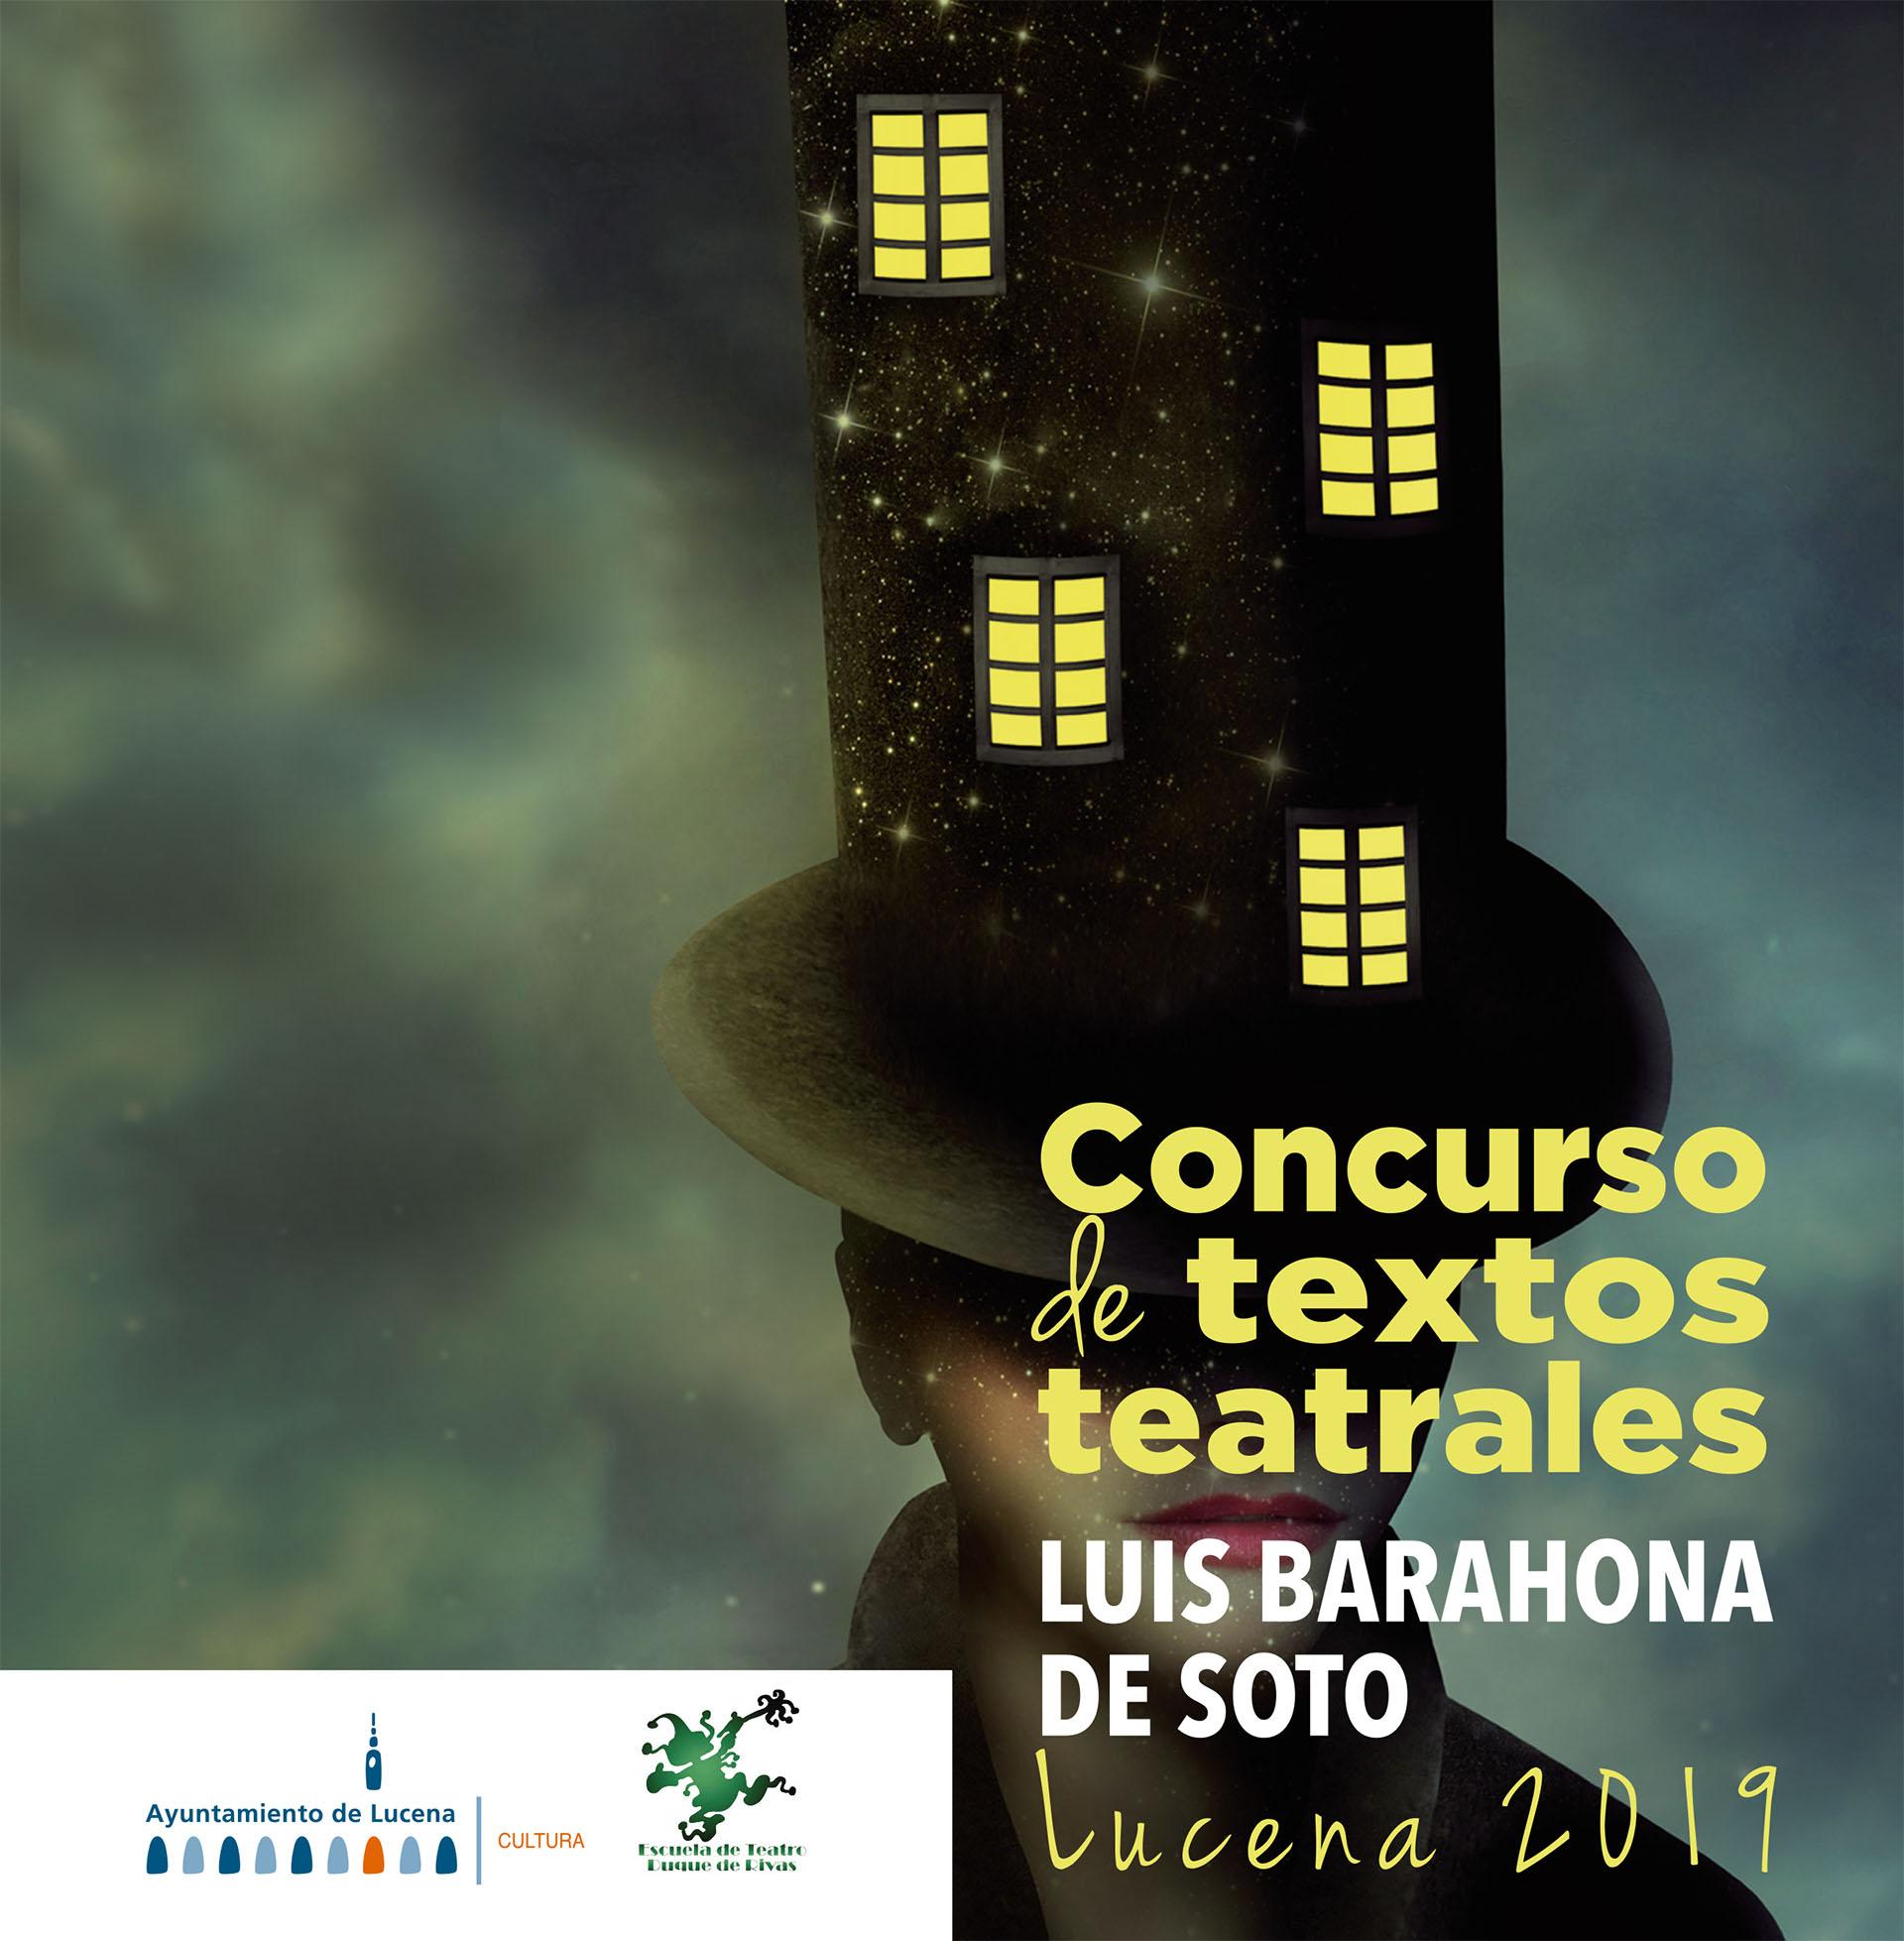 """Concursos de textos teatrales de Teatro Corto """"Barahona de Soto"""" y de Teatro Infantil """"Morales Martínez"""" @ Delegación de Cultura"""